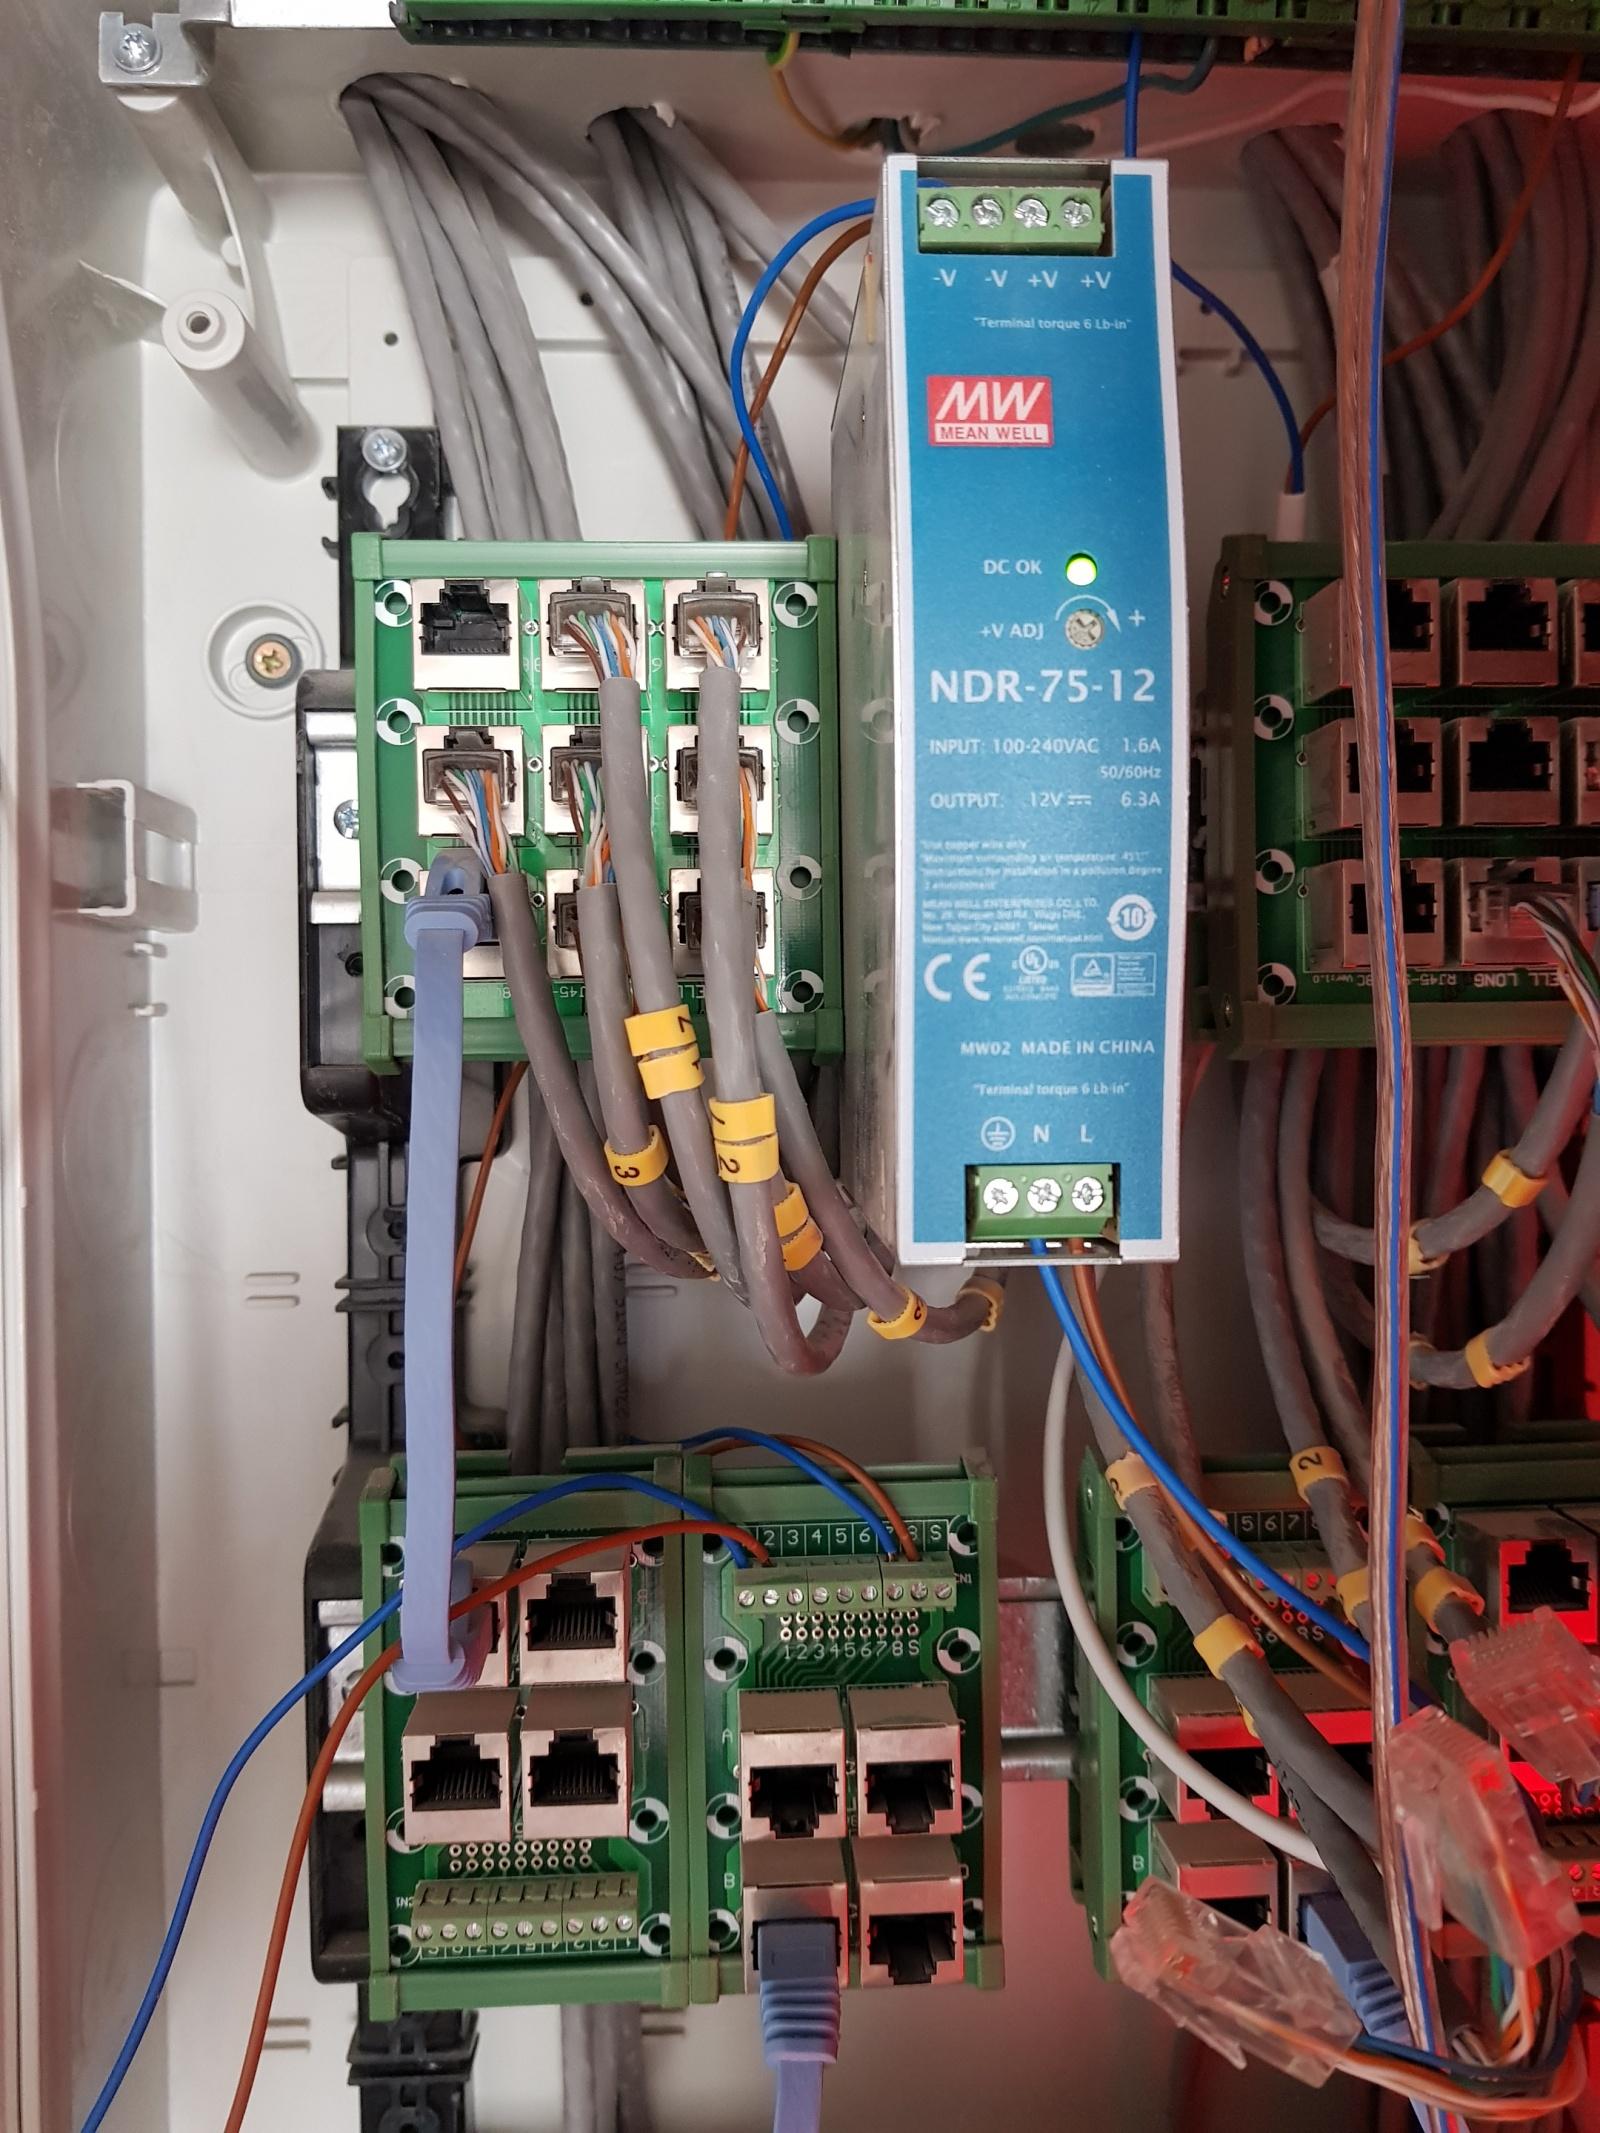 Сенсорные выключатели с Modbus: зачем нужны и как применить в умной квартире - 4